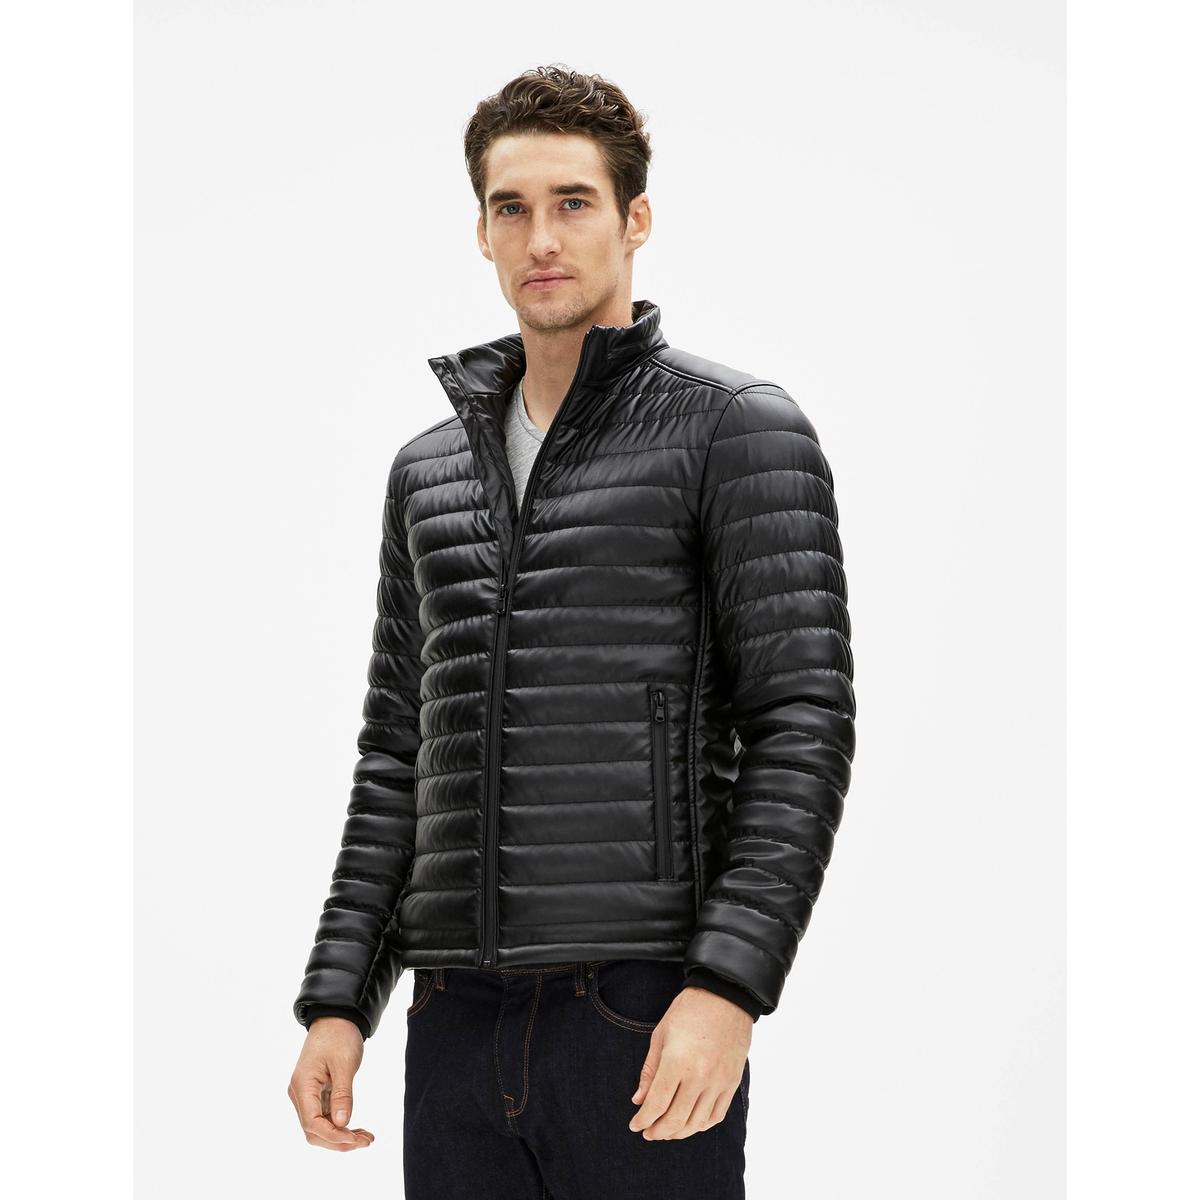 Куртка под кожу FuretoКуртка с длинными рукавами под кожу Fureto - CELIO. Прямой покрой, высокий воротник. Застежка на молнию. 2 кармана.  Состав и описаниеМатериал : 100% полиуретанаМарка : CELIO.<br><br>Цвет: черный